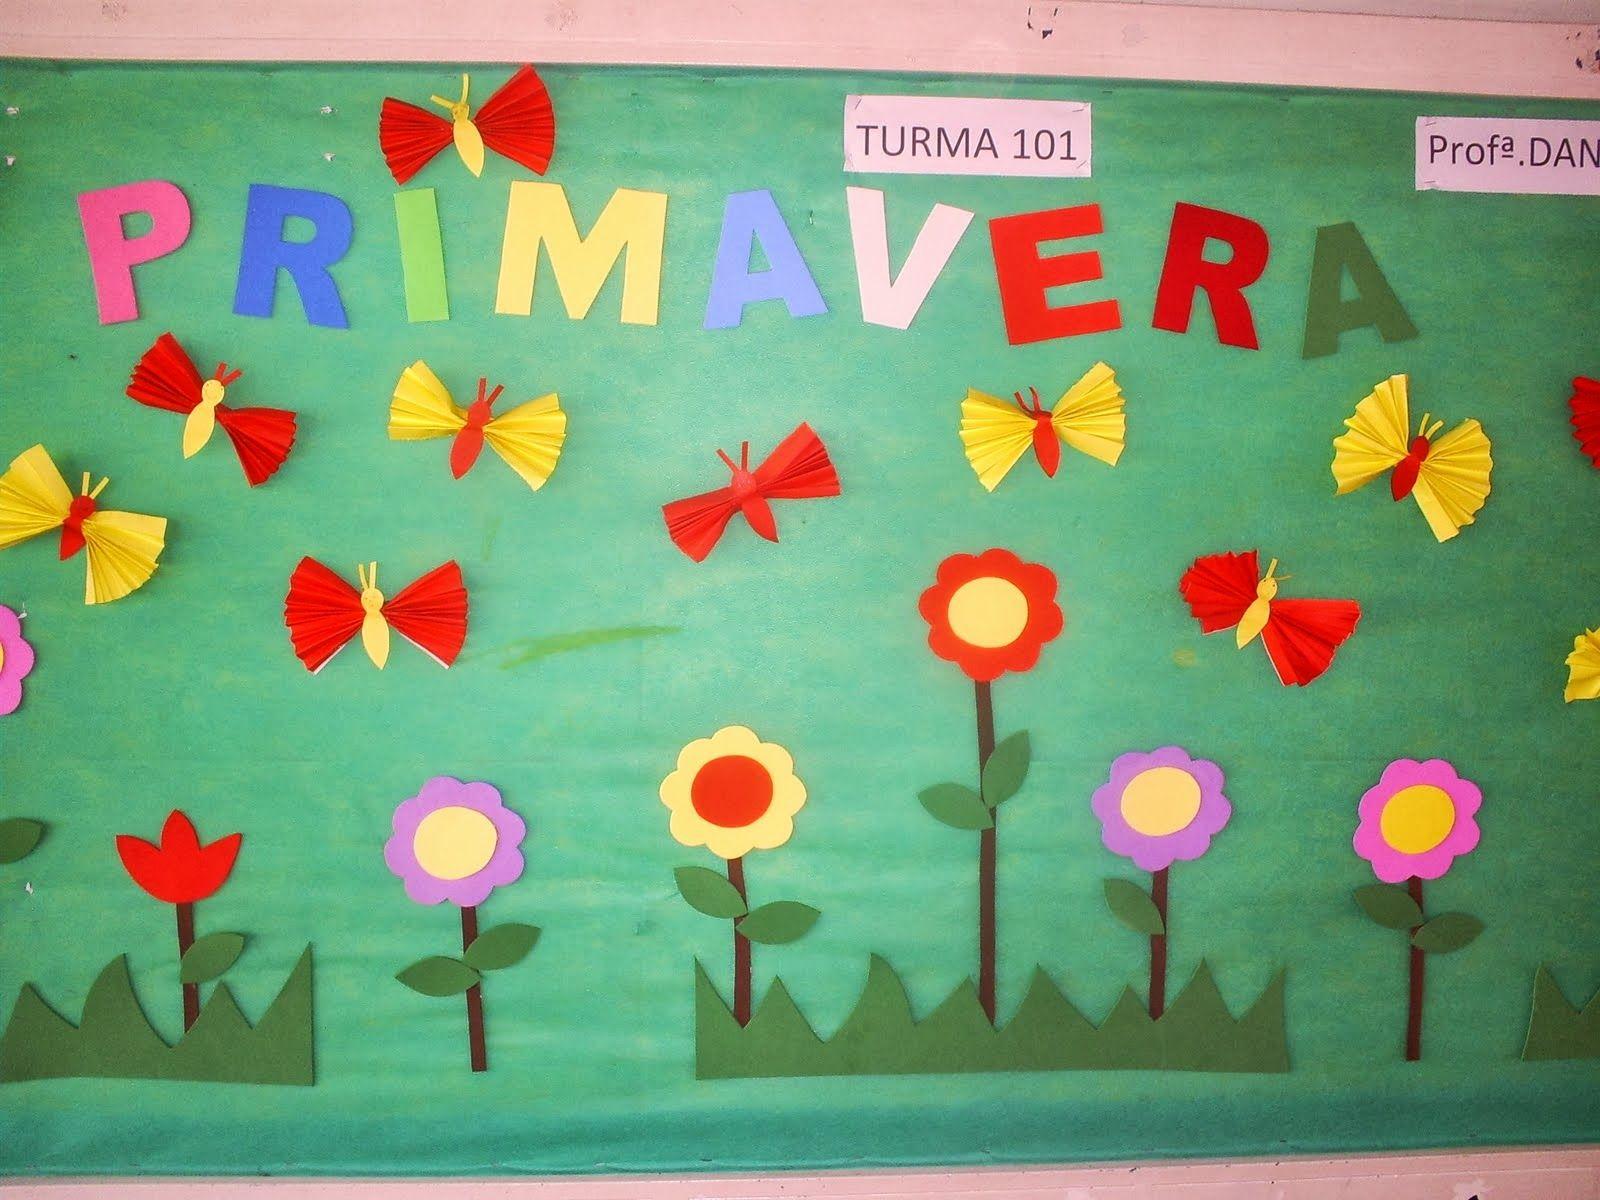 decoracion dia de la primavera en el aula - Buscar con Google ...